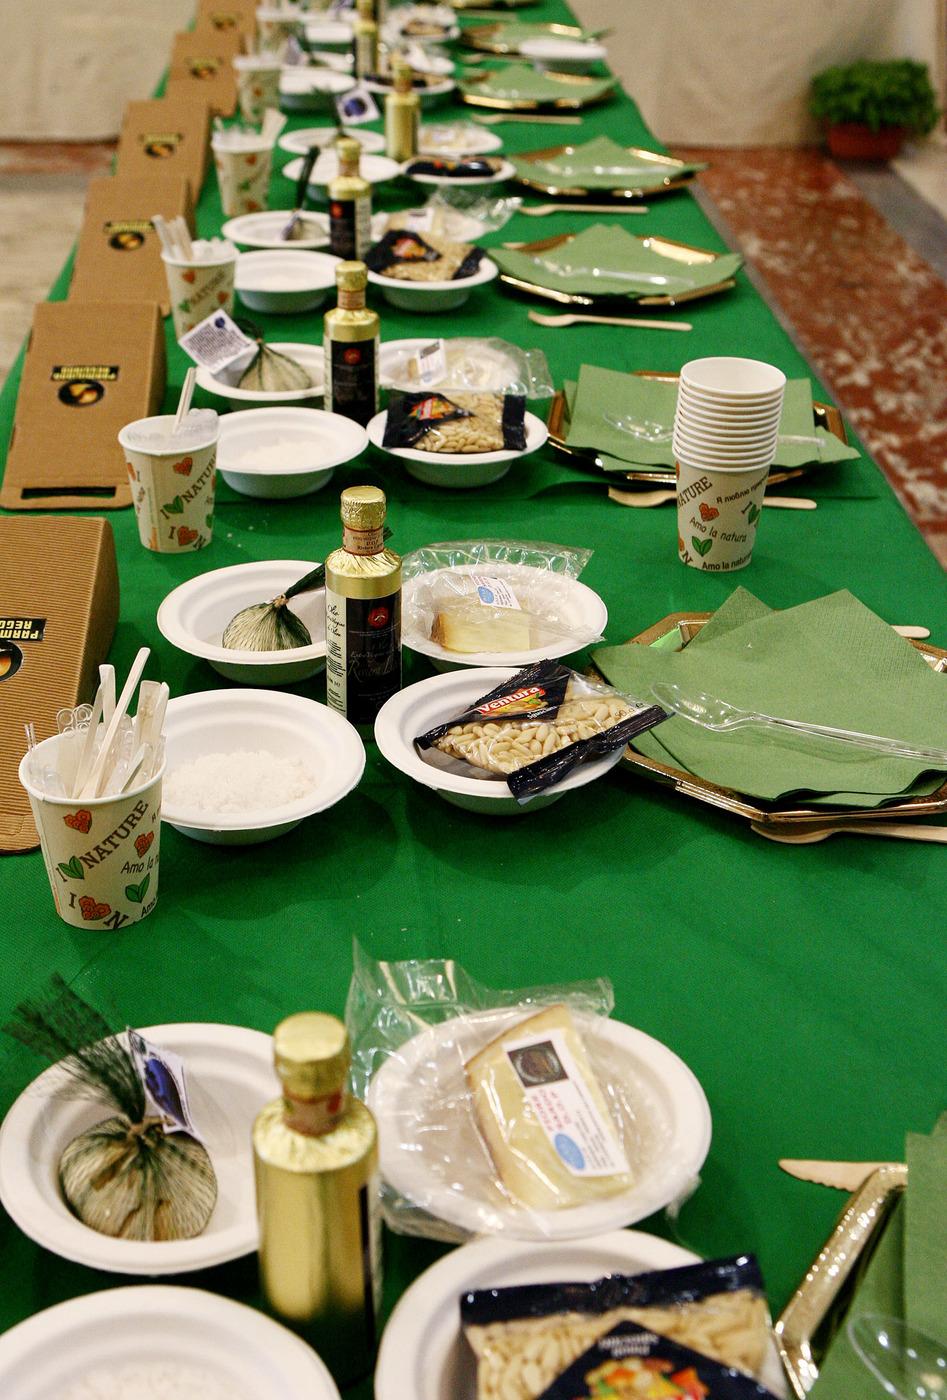 La cena in casa costa cara: arrivano i carabinieri, multa da oltre 5 mila euro per 11 persone